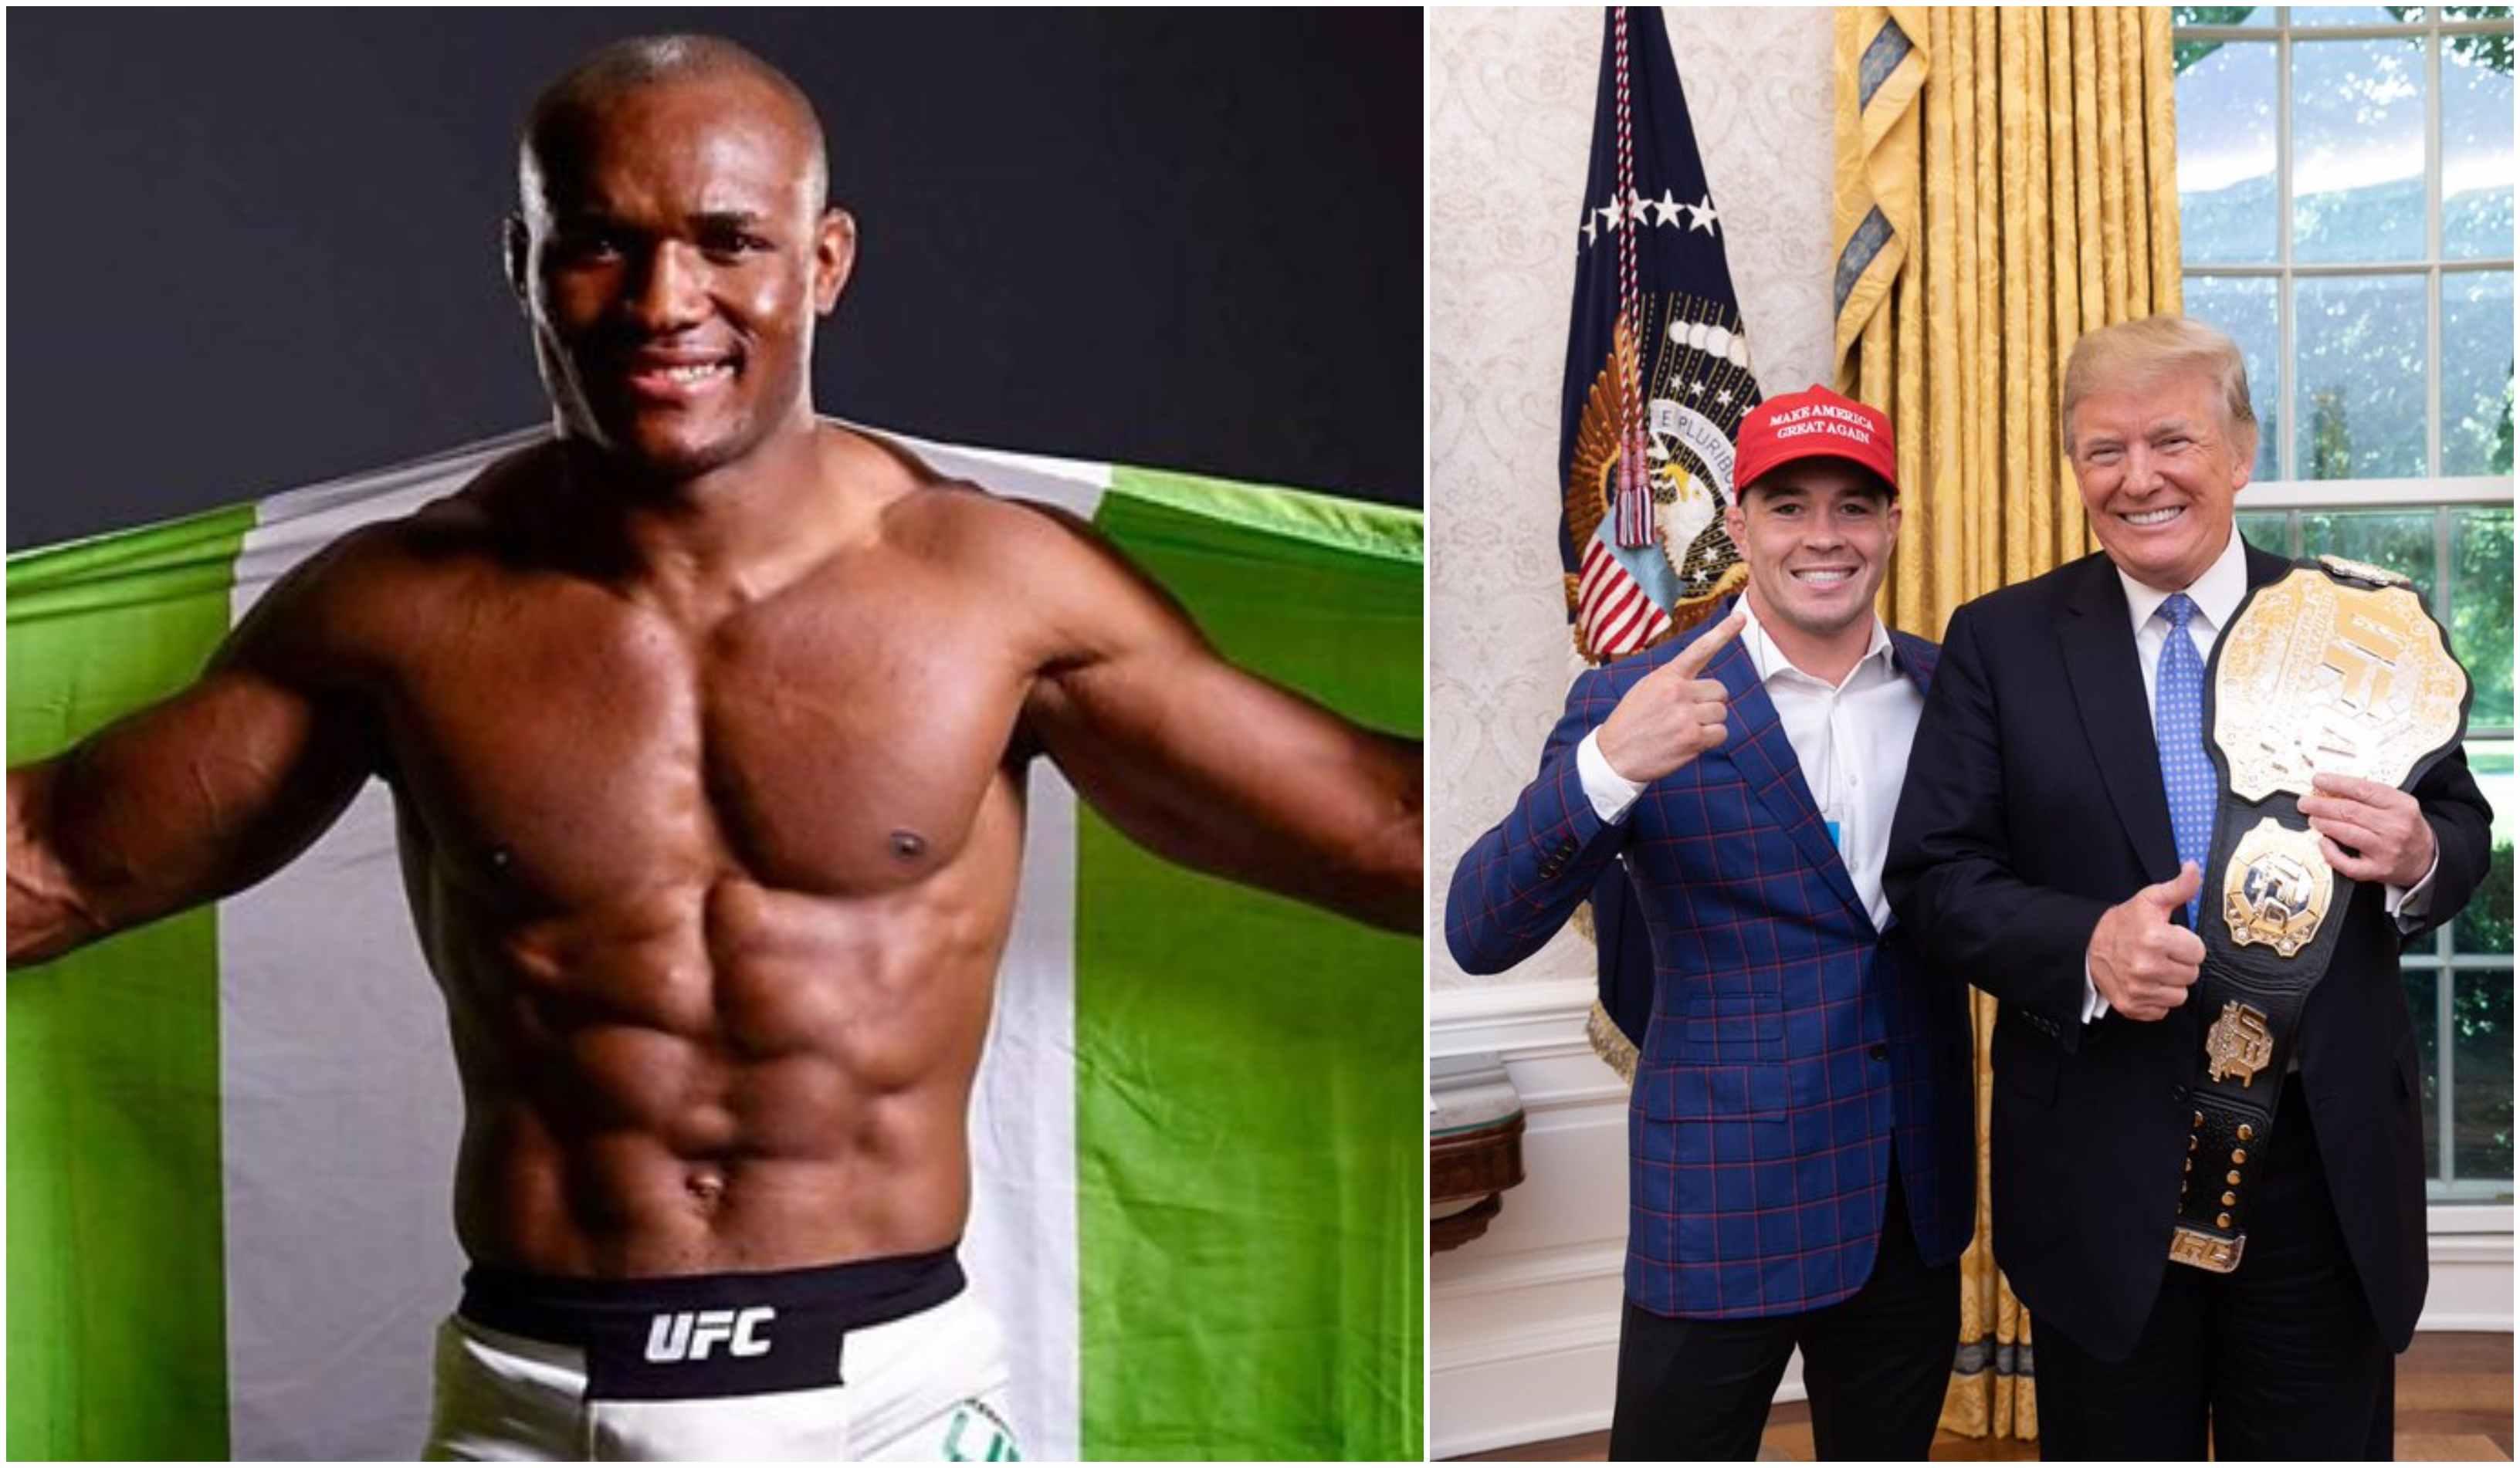 Kamaru Usman to Colby Covington: 'I am more American than he is' - Usman